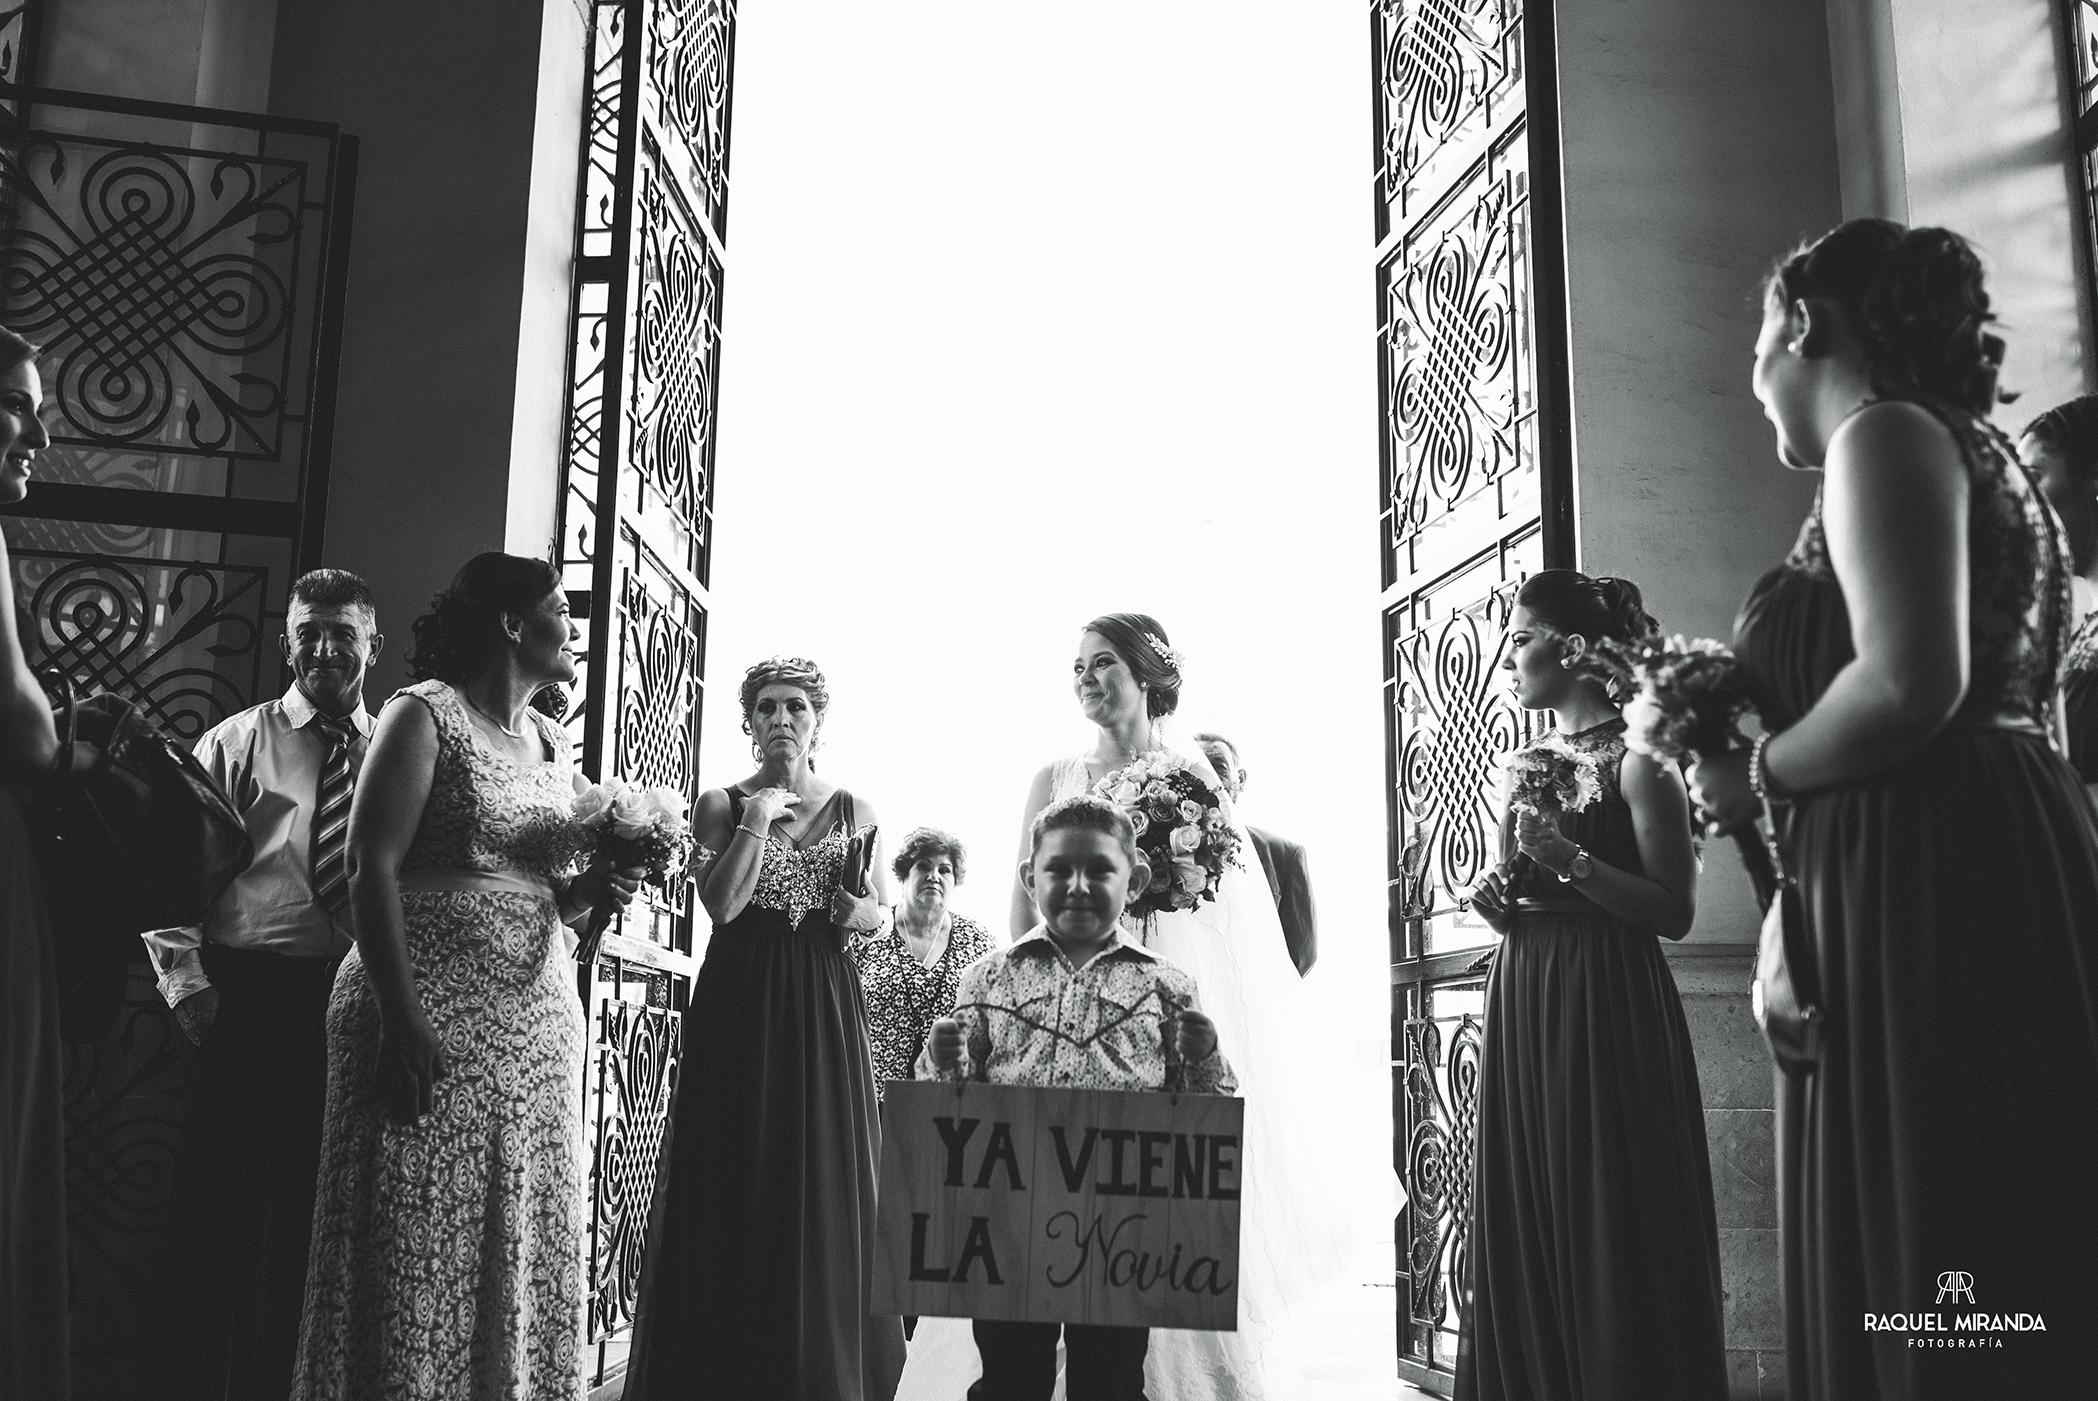 raquel miranda fotografía - wedding - edith&meño-10.jpg